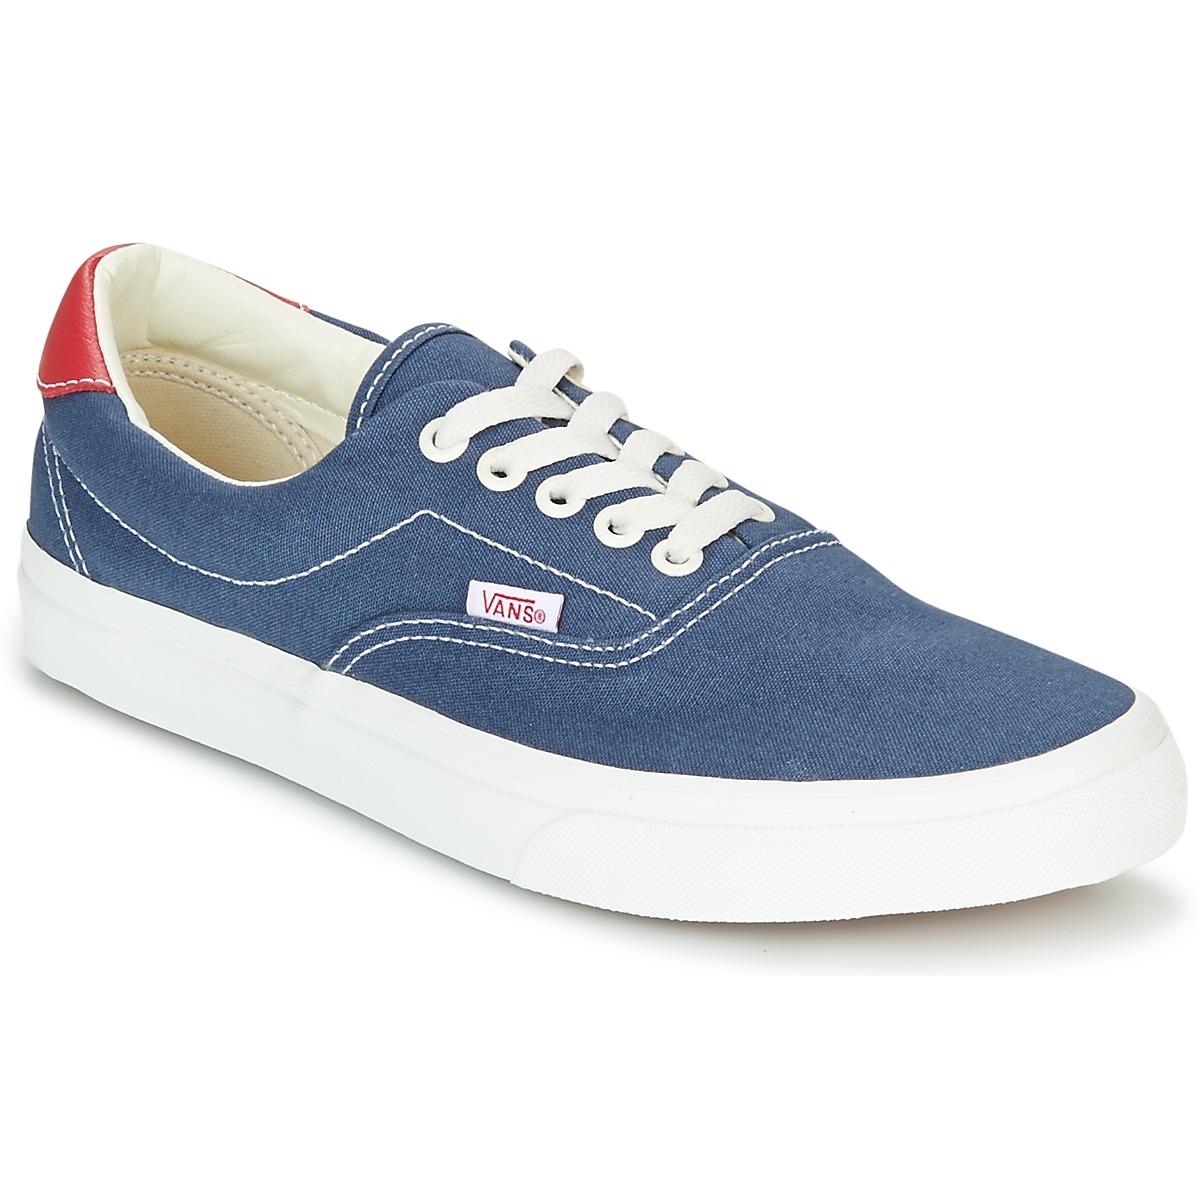 Vans ERA Blau - Kostenloser Versand bei Spartoode ! - Schuhe Sneaker Low  52,49 €